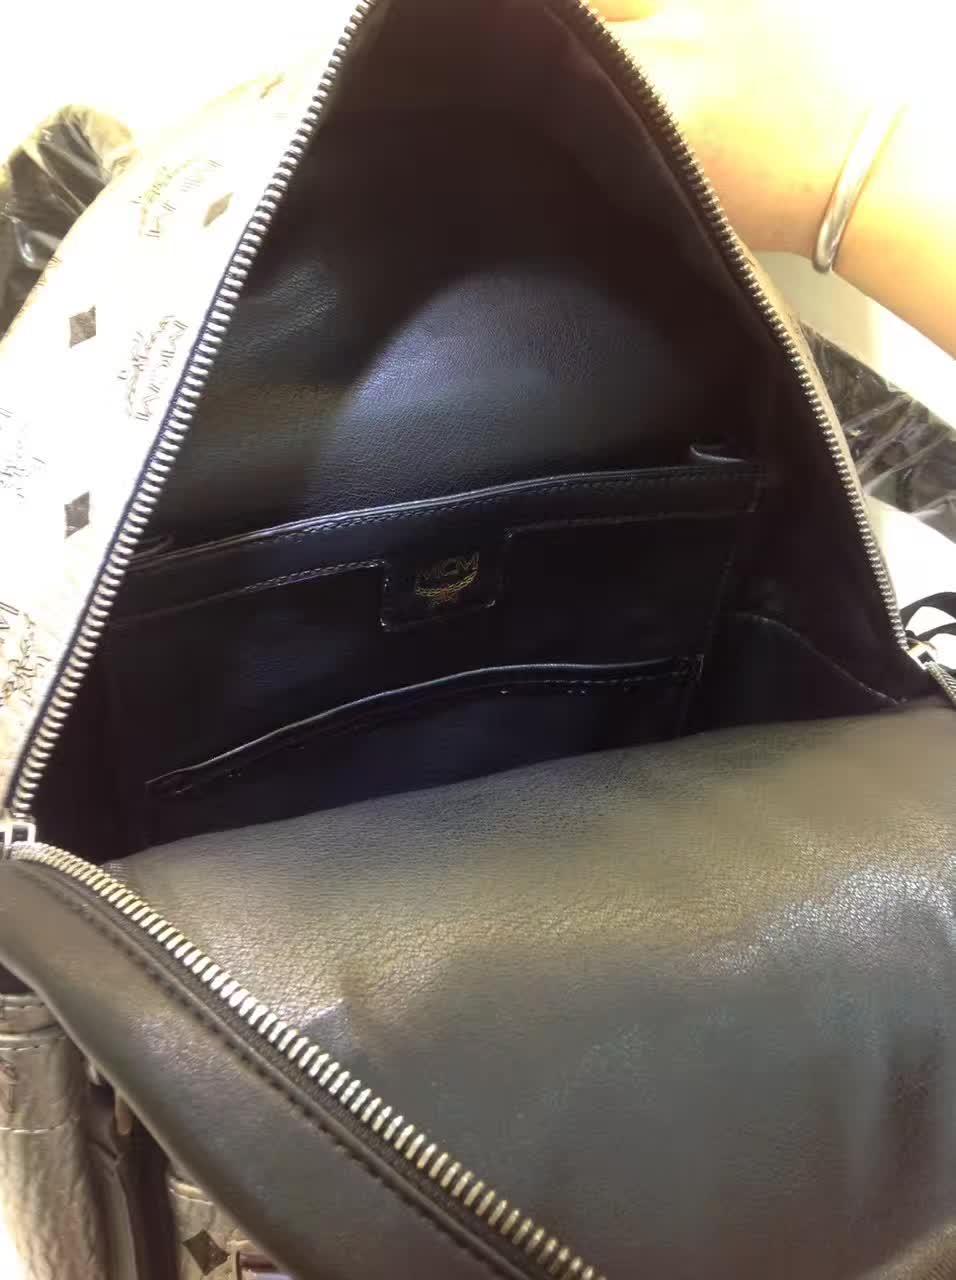 MCM专柜新款 重工个性闪电镭射设计子母包 柔软肩带全皮内里 银色